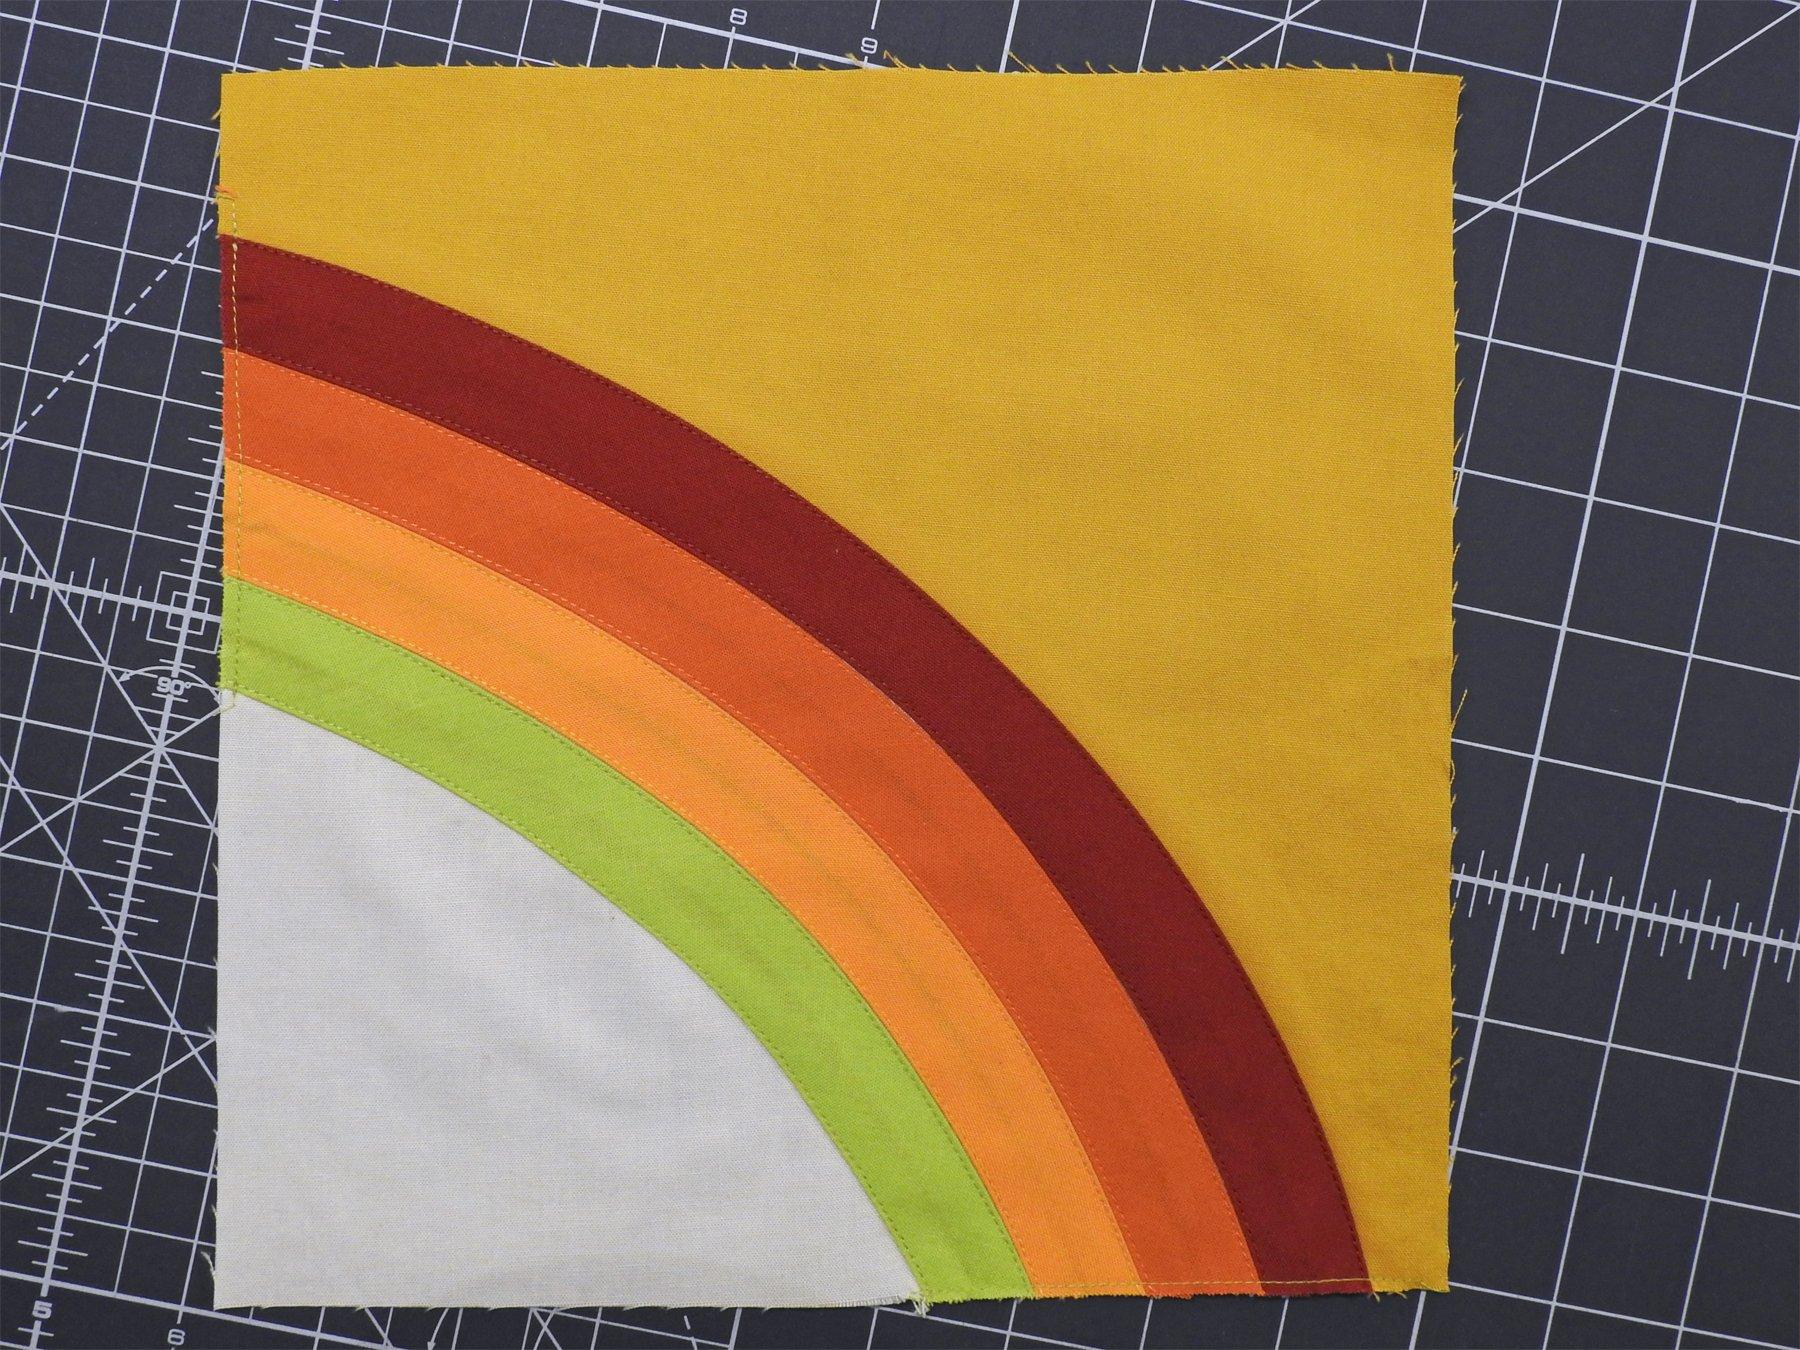 Block 3 - Improv Curve and Bias Tape Applique